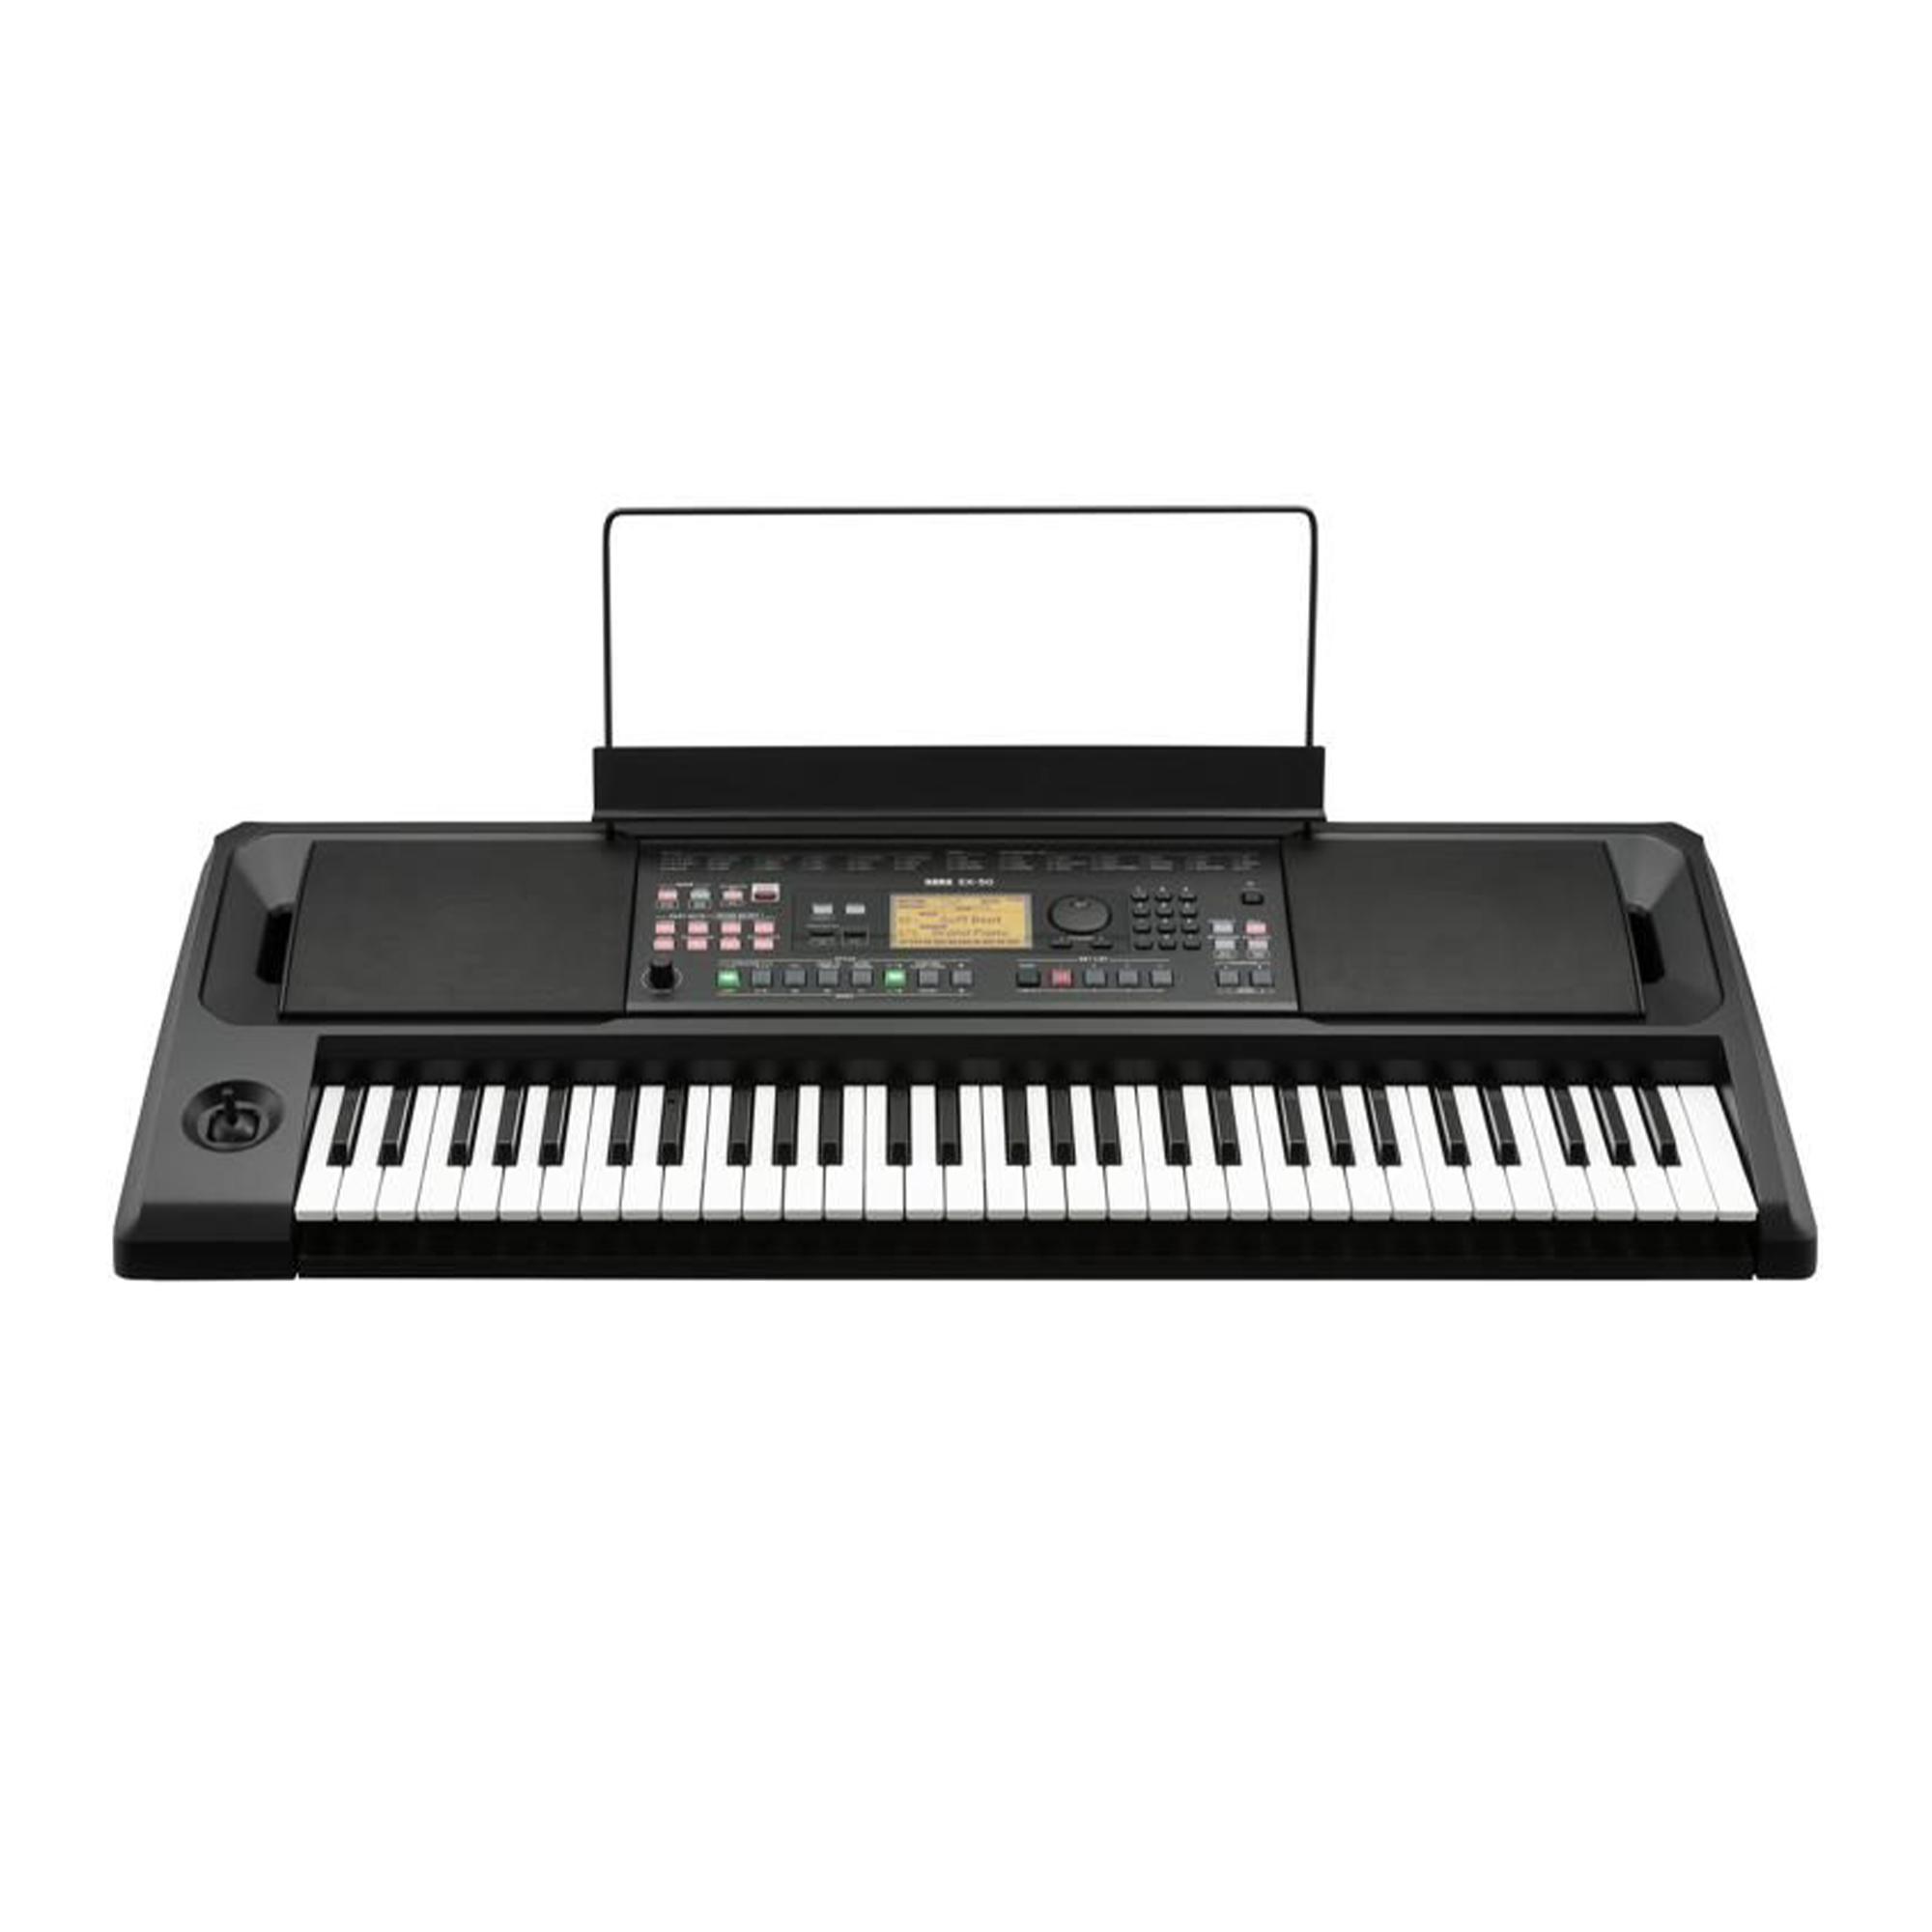 korg ek-50 professional portable entertainer keyboard 61 keys